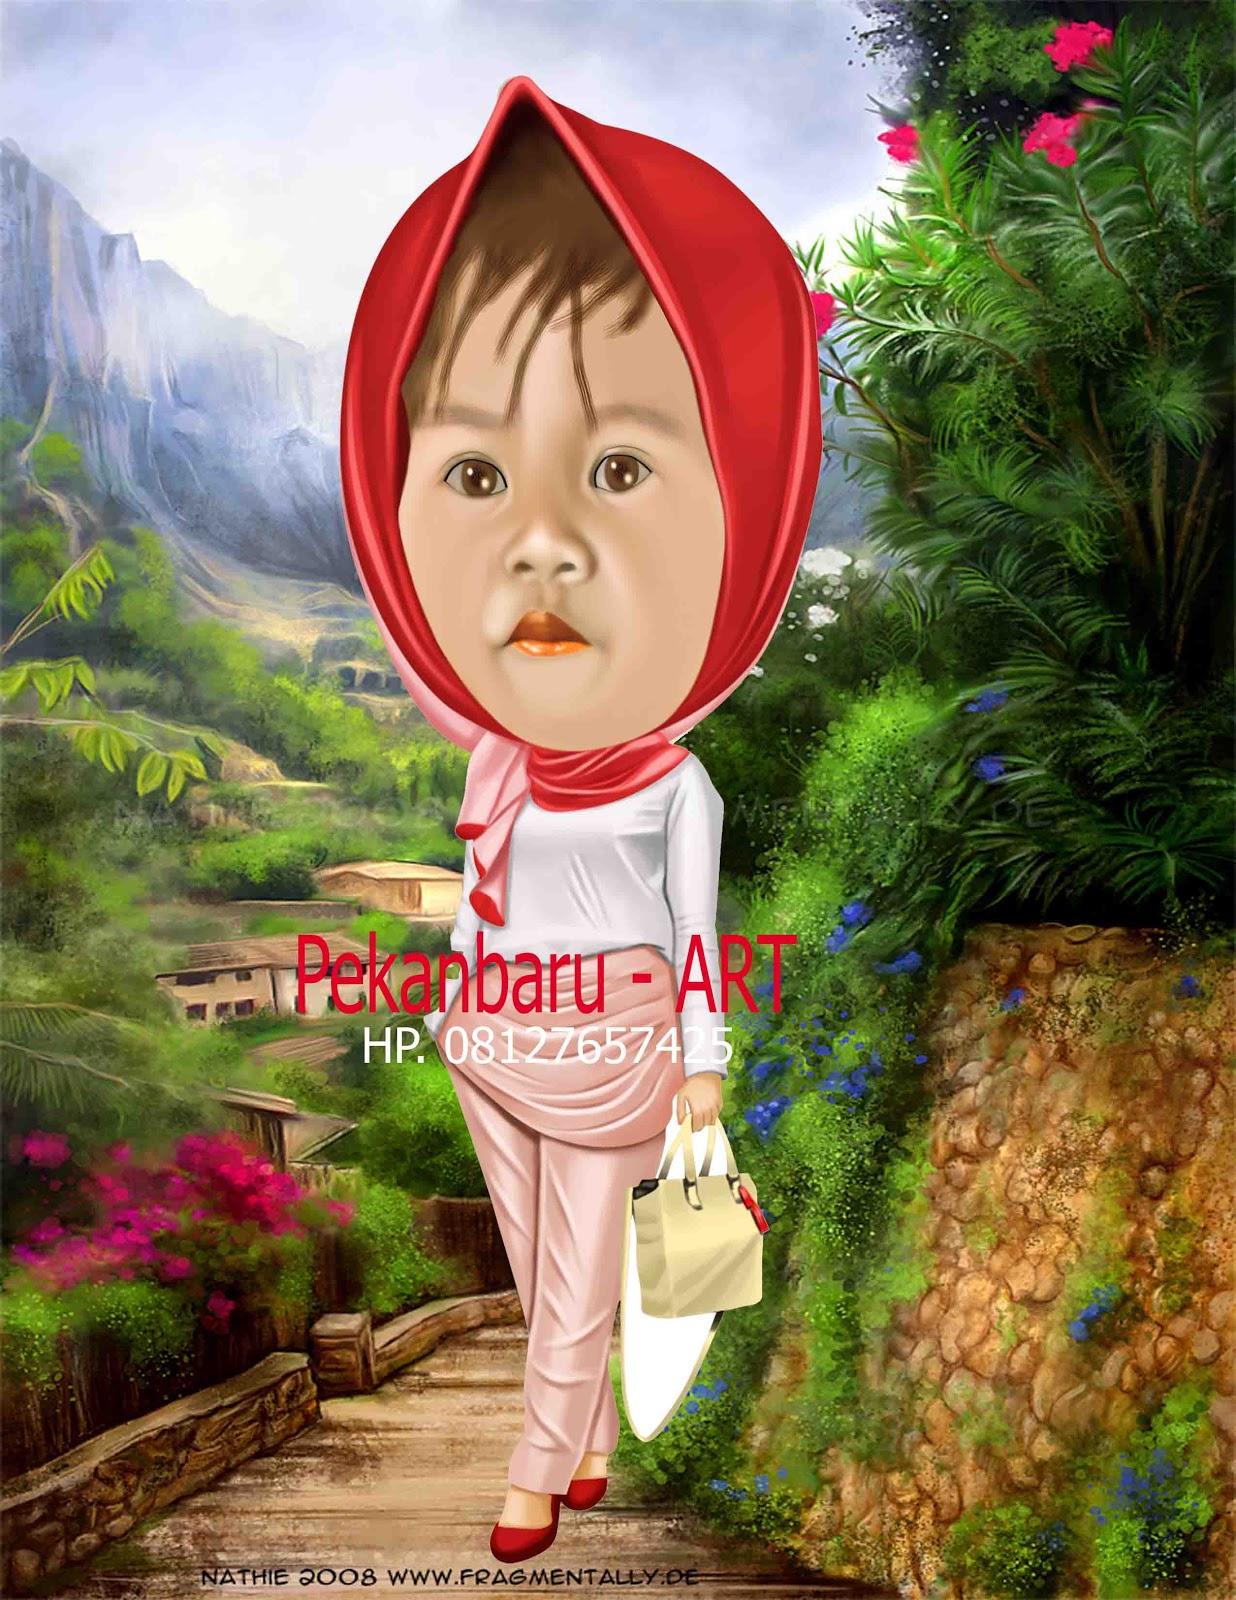 KADO KREATIF Pekanbaru ART Karikatur Pekanbaru ART Download